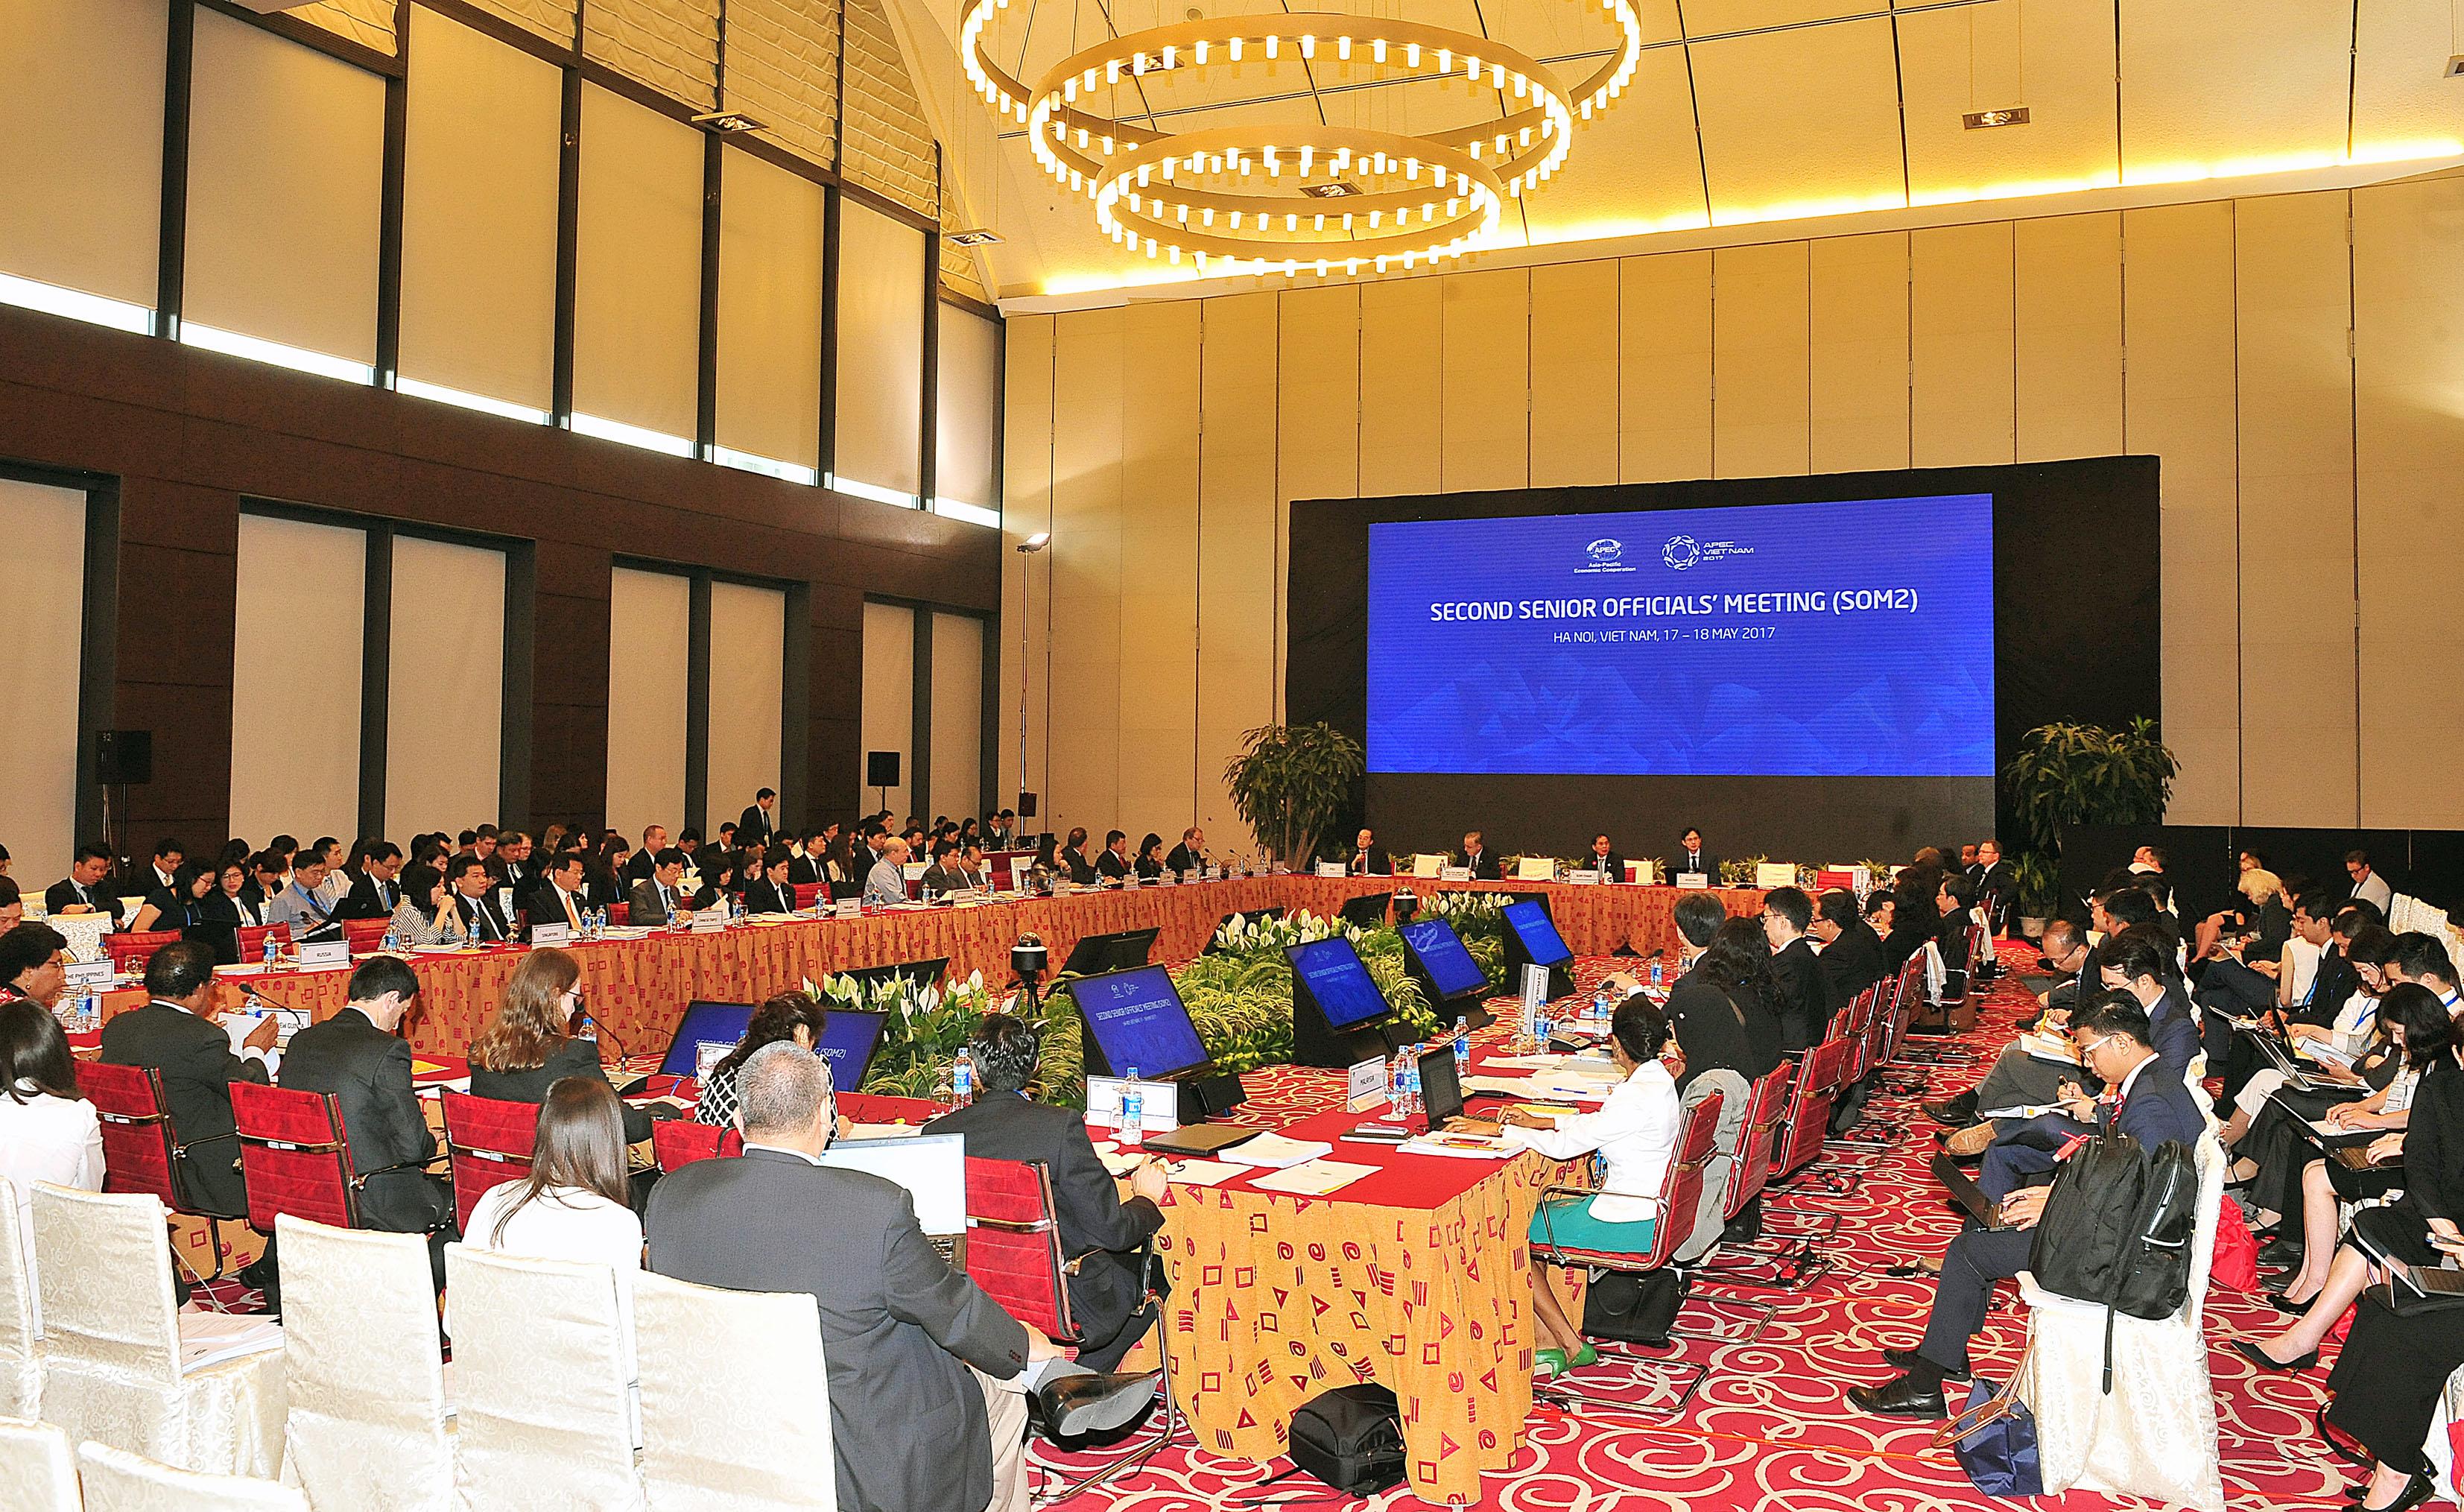 APEC Việt Nam 2017: Hội nghị lần thứ 2 các Quan chức cao cấp APEC